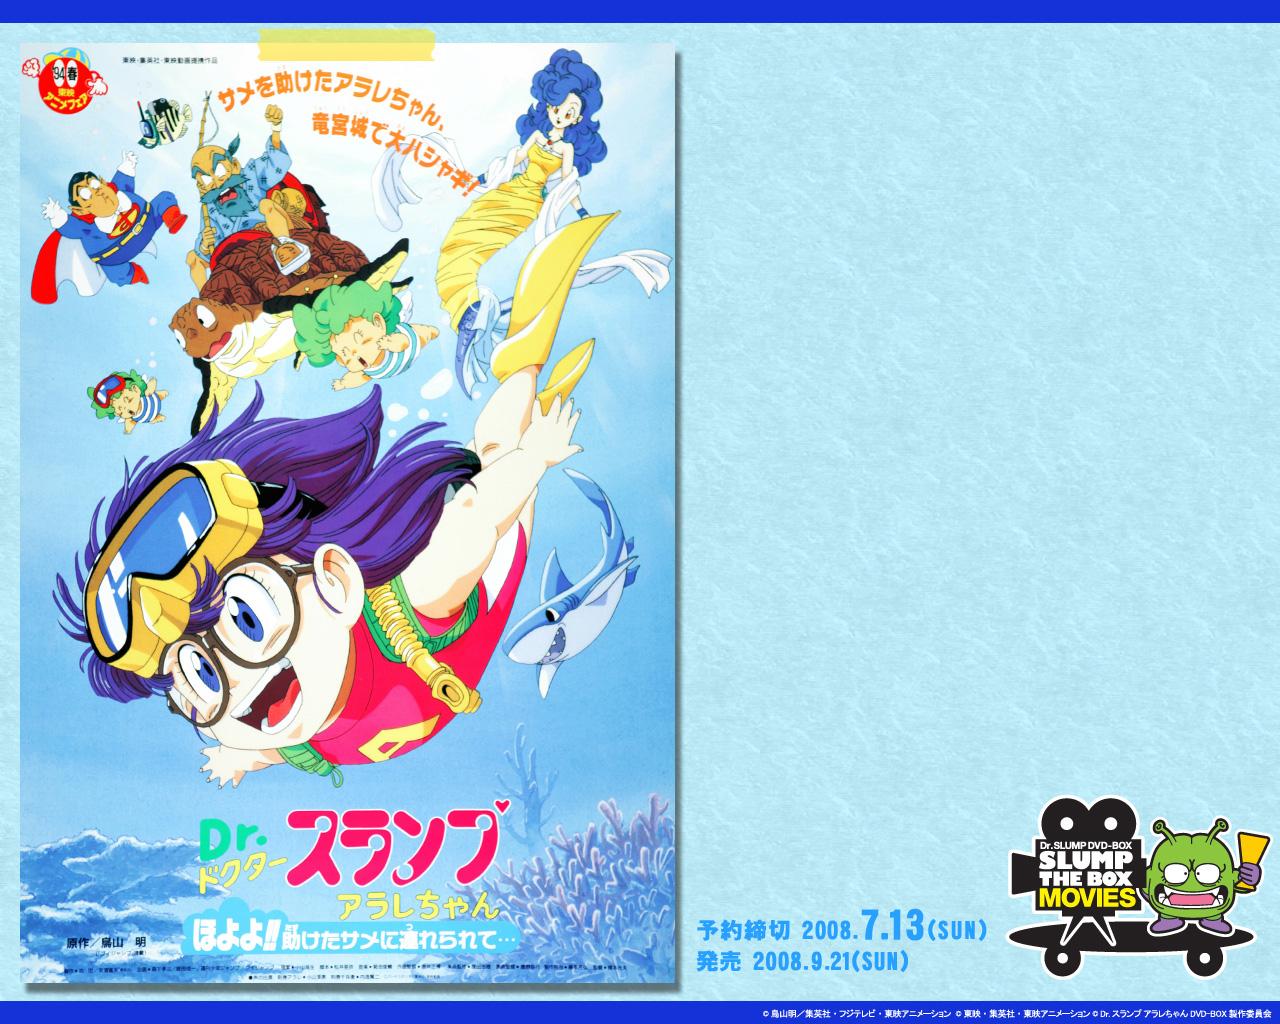 東映アニメーション ドクタースランプdvd Box Slump The Box Movies